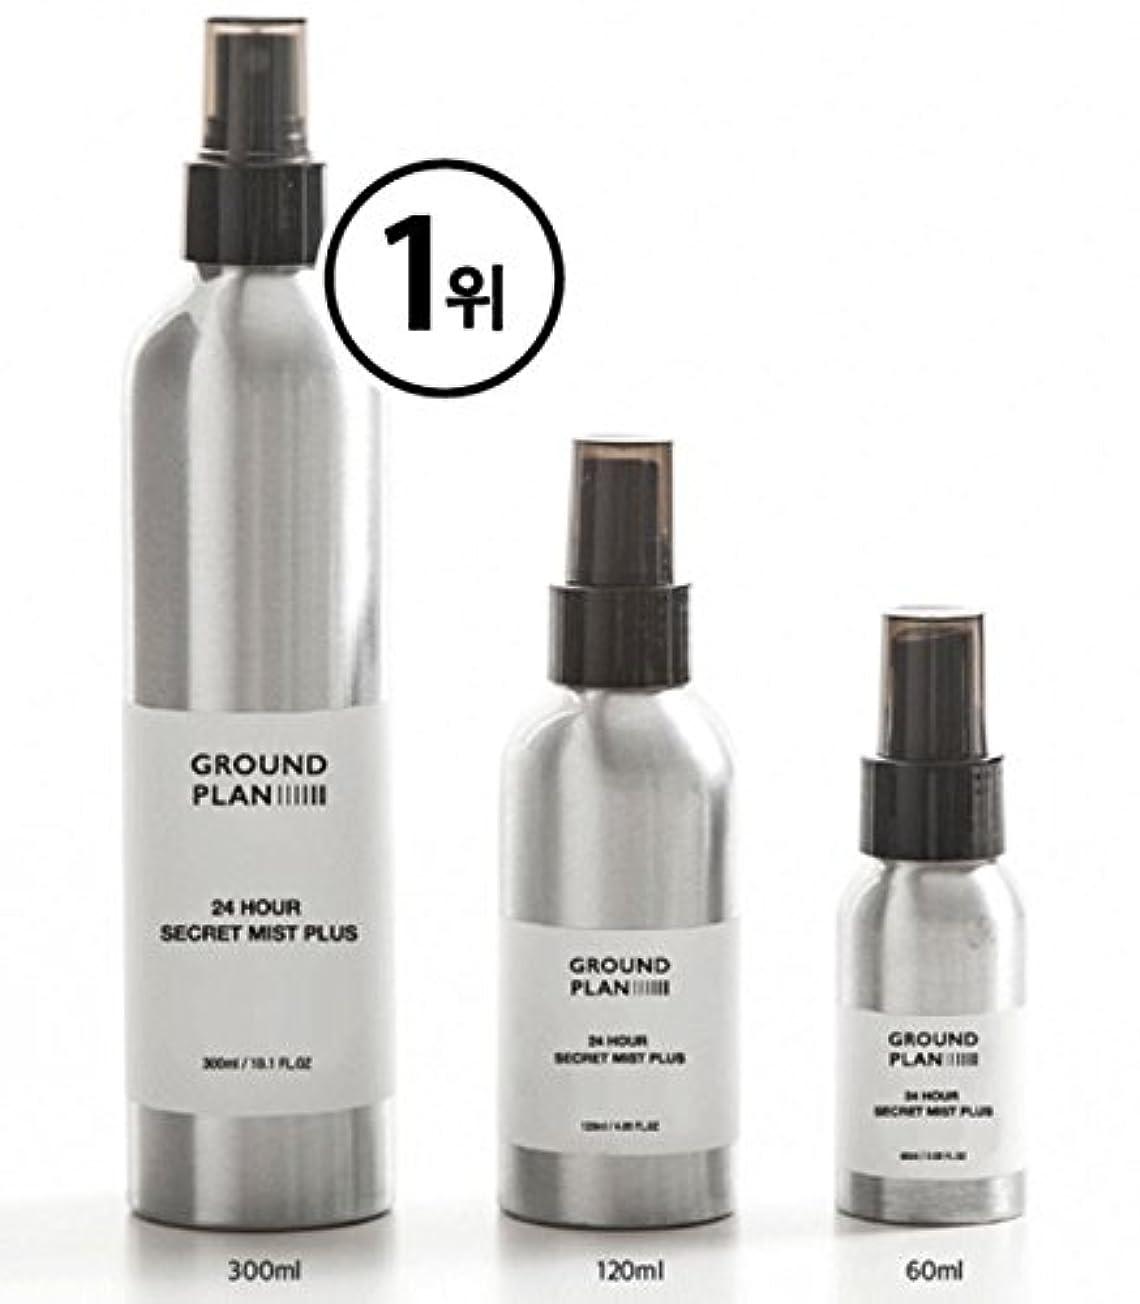 与える襟著名な[グラウンド?プラン] 24Hour 秘密 スキンミスト Plus (60ml) Ground plan 24 Hour Secret Skin Mist Plus [海外直送品]